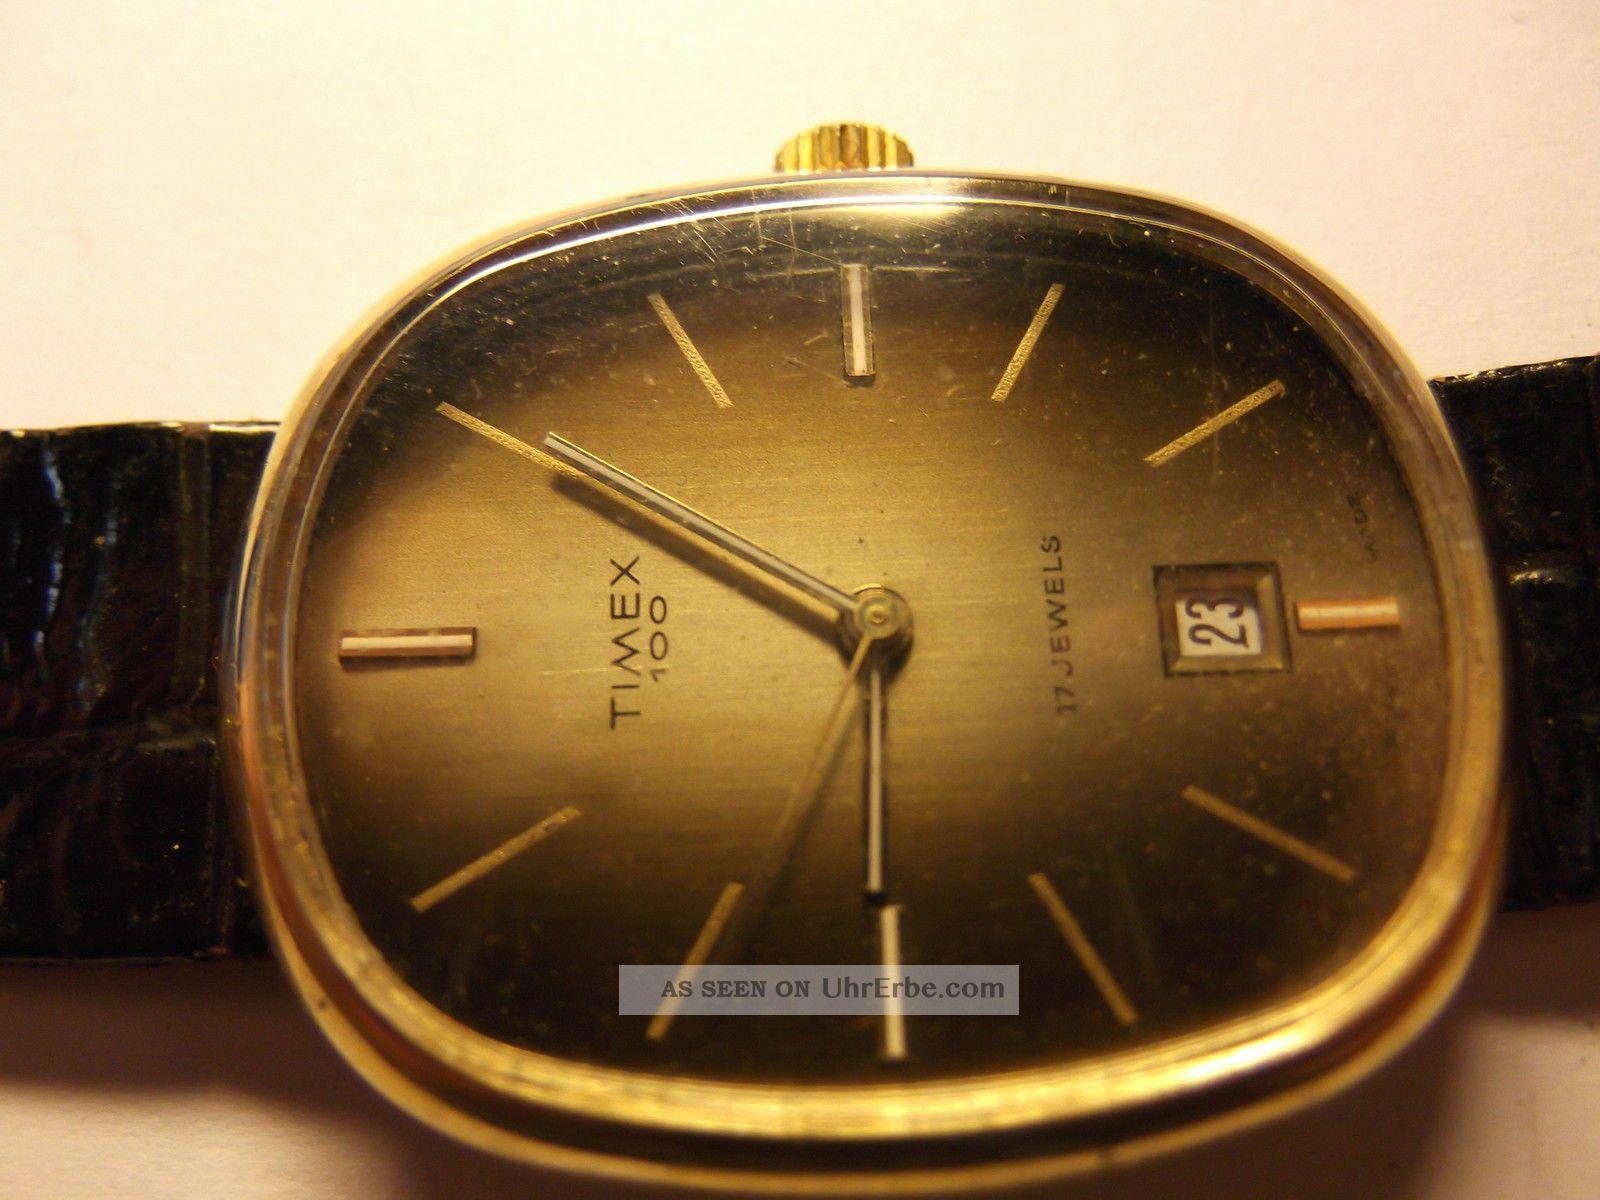 Timex Bj 1979 Neupreis 1979 - 700,  - Dm Läuft Nicht Mehr Sammlerstück Armbanduhren Bild